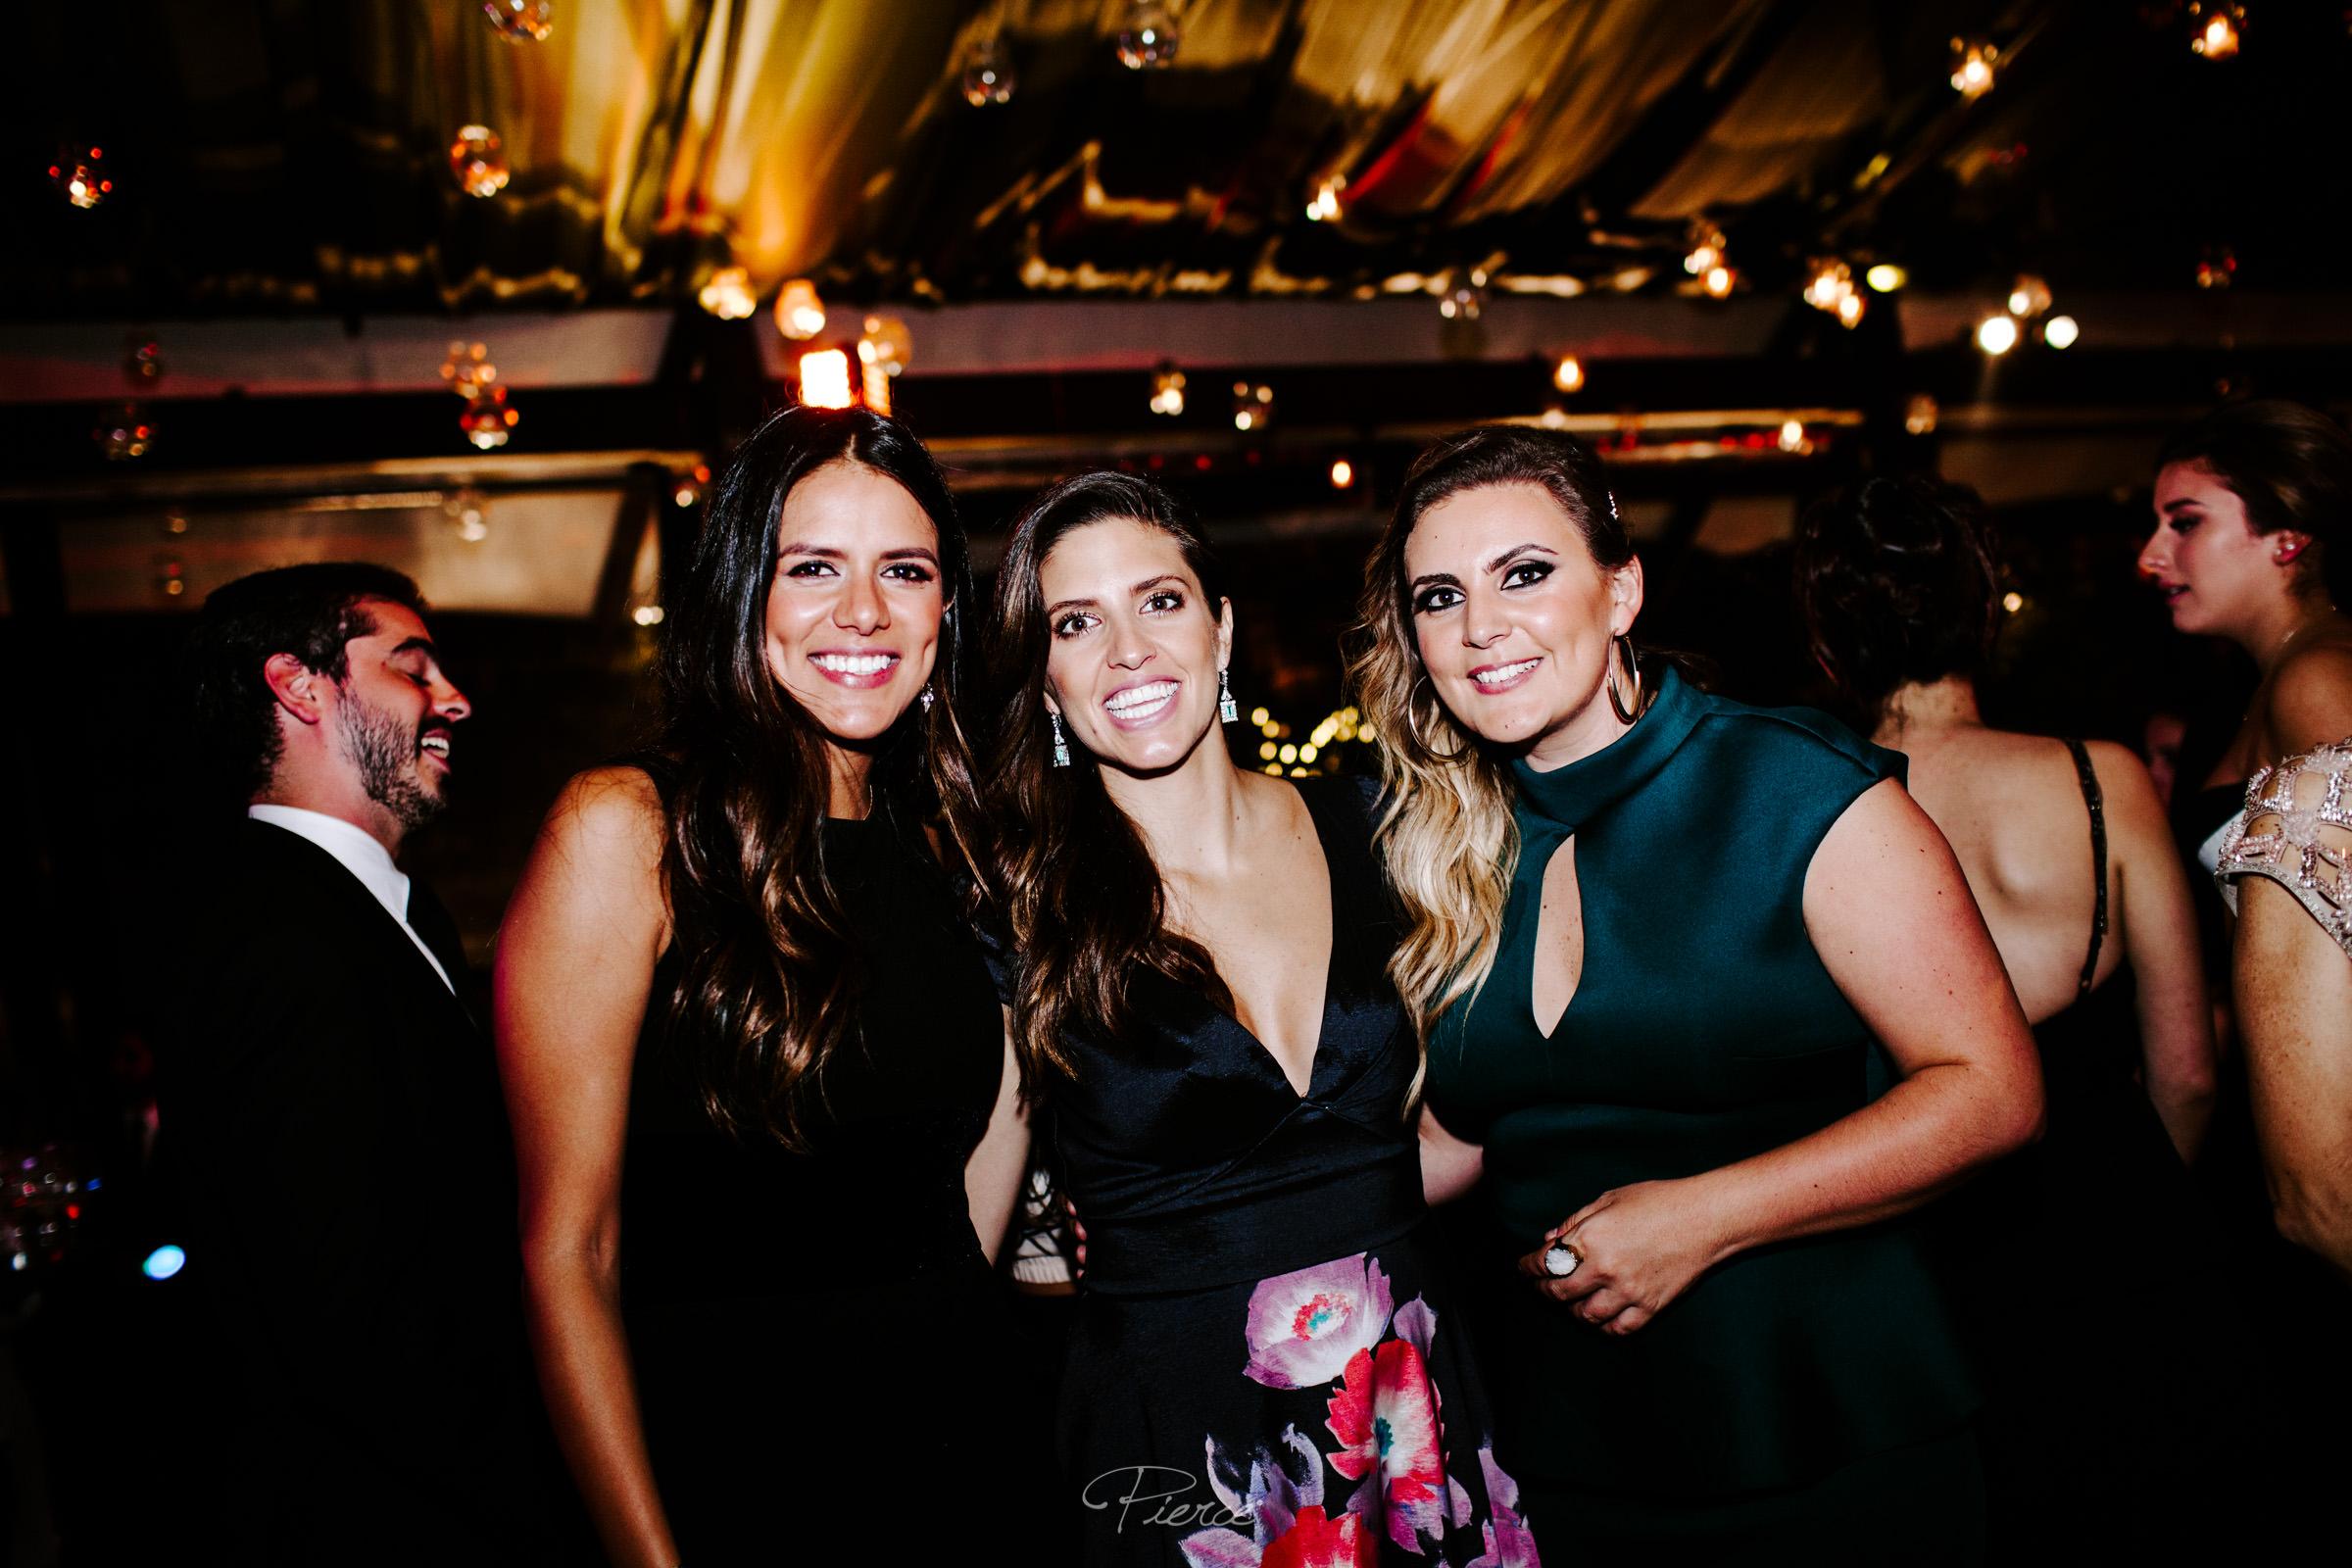 fotografia-de-boda-valle-de-bravo-mexico-rosmarino-pierce-weddings-0210.JPG